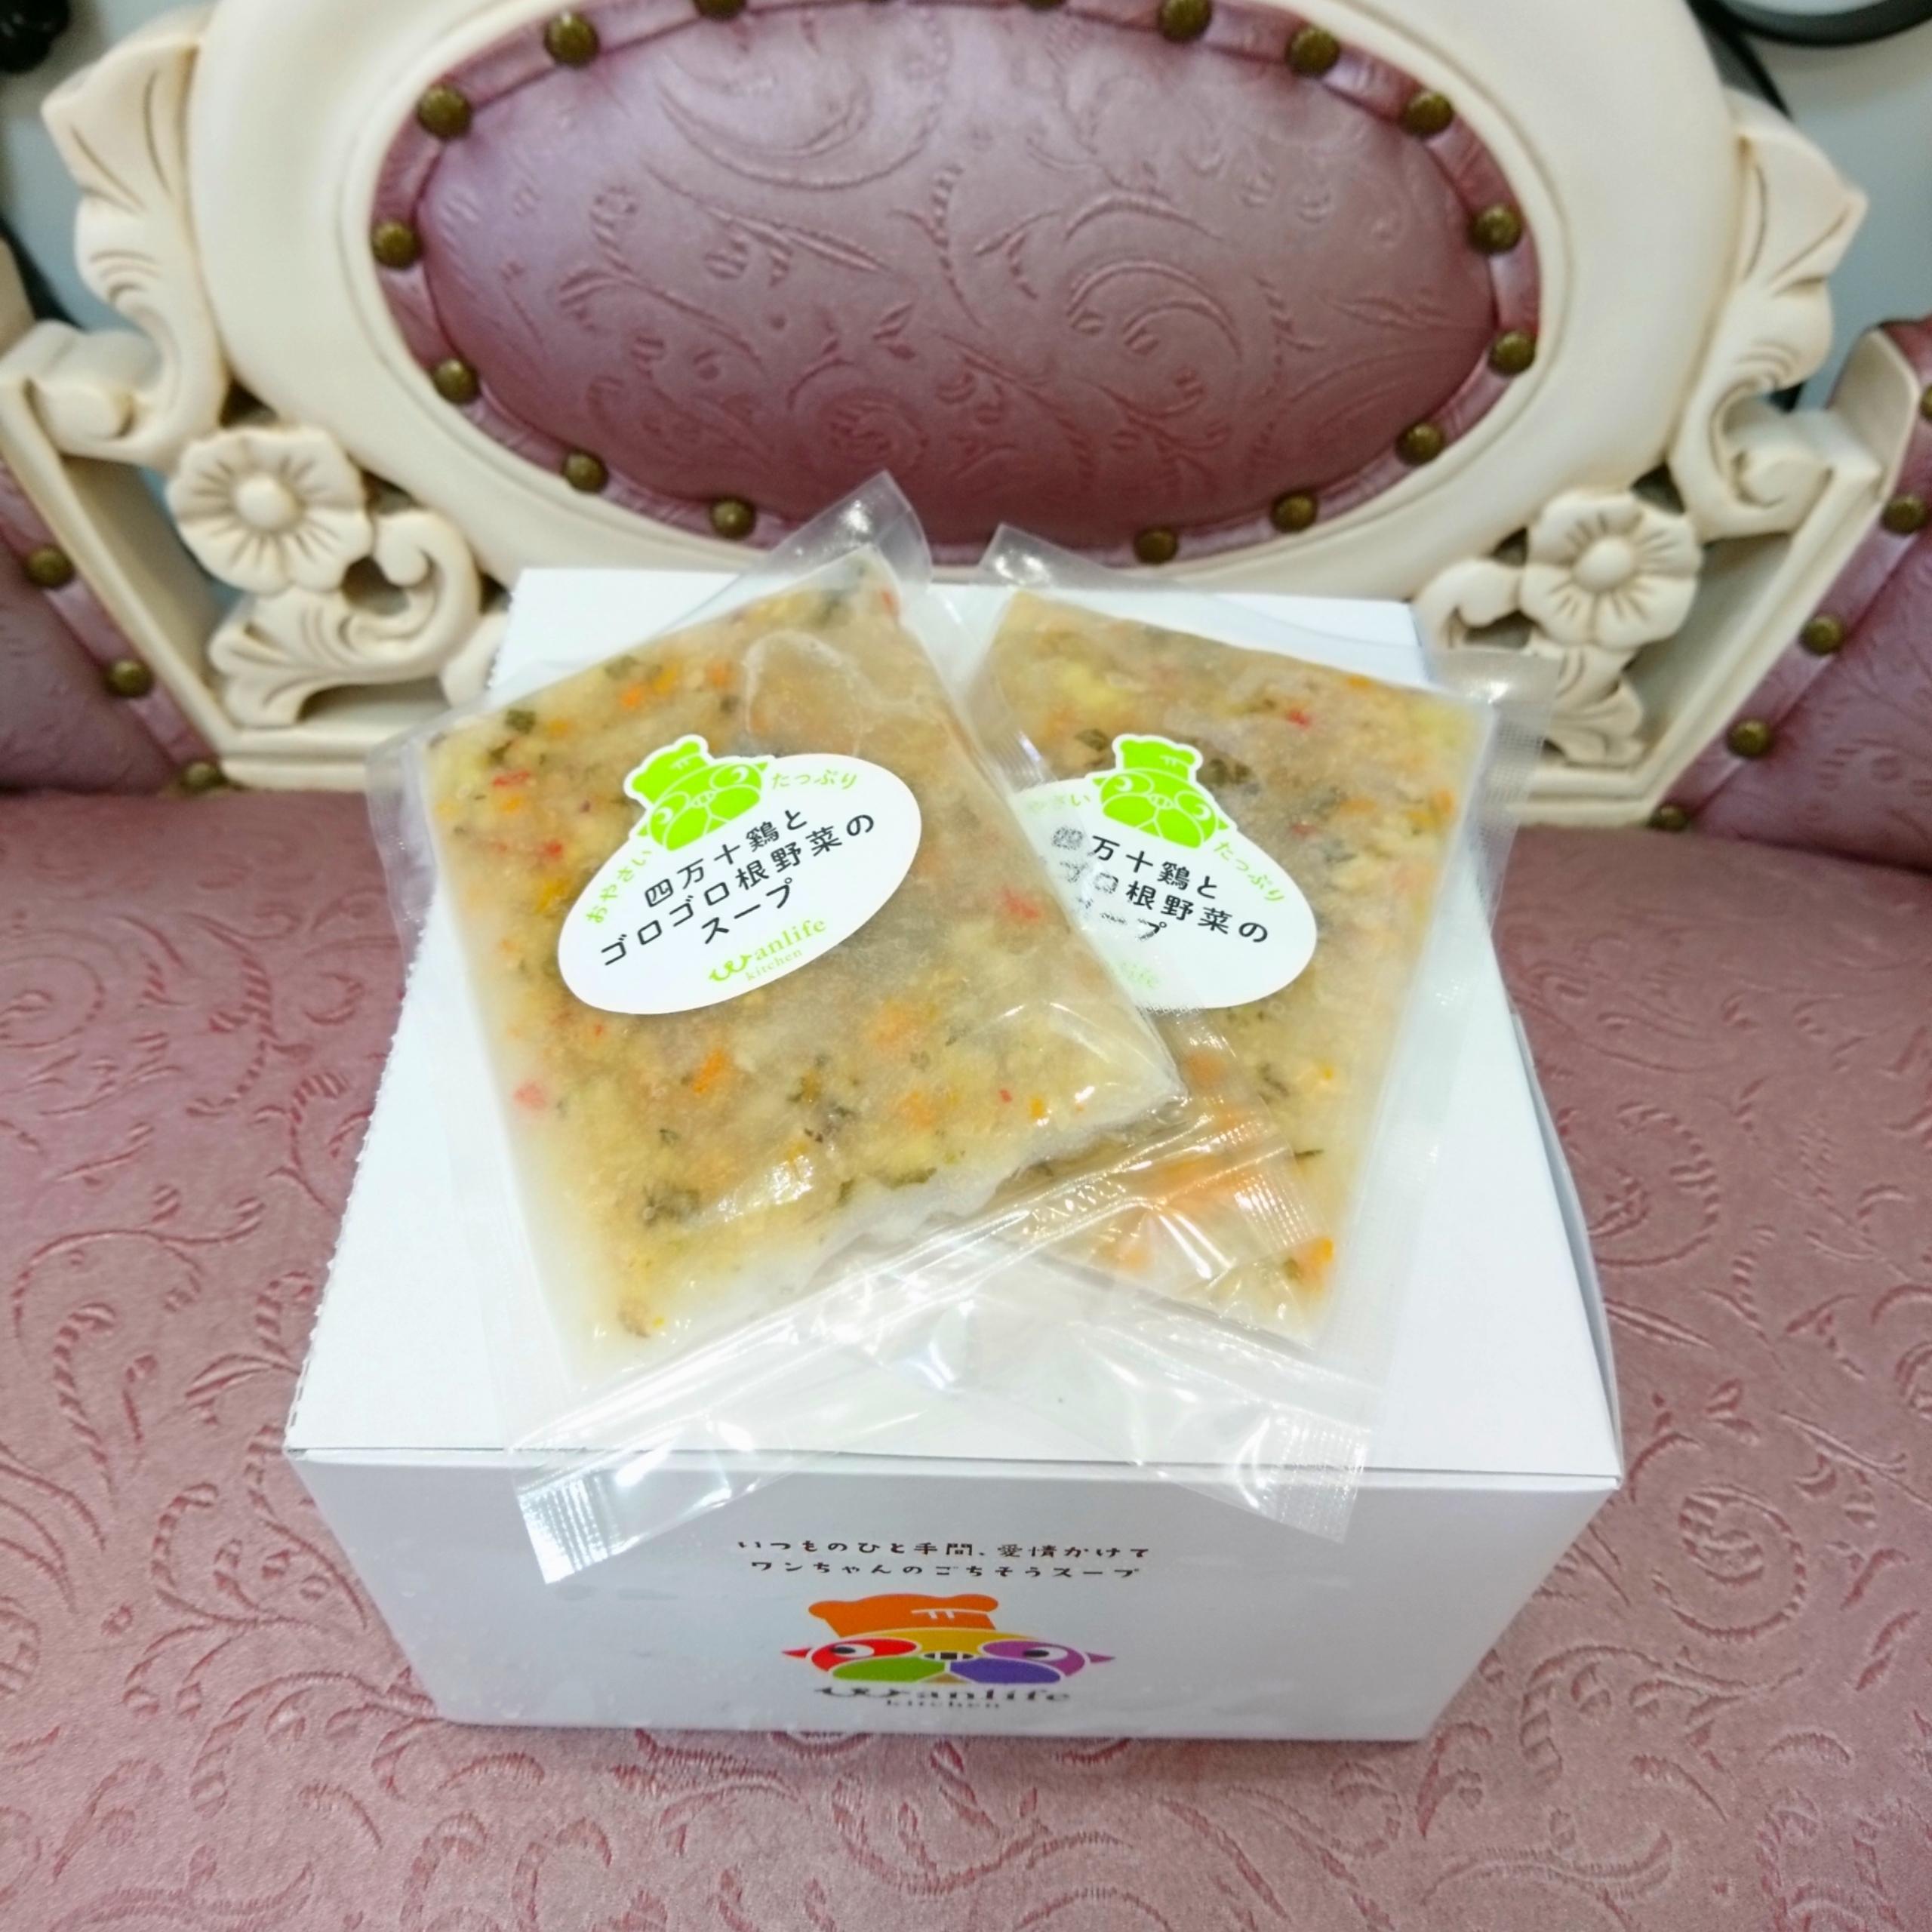 【Decoco】Wanlife 四万十鶏とゴロゴロ根野菜のスープのアイキャッチ